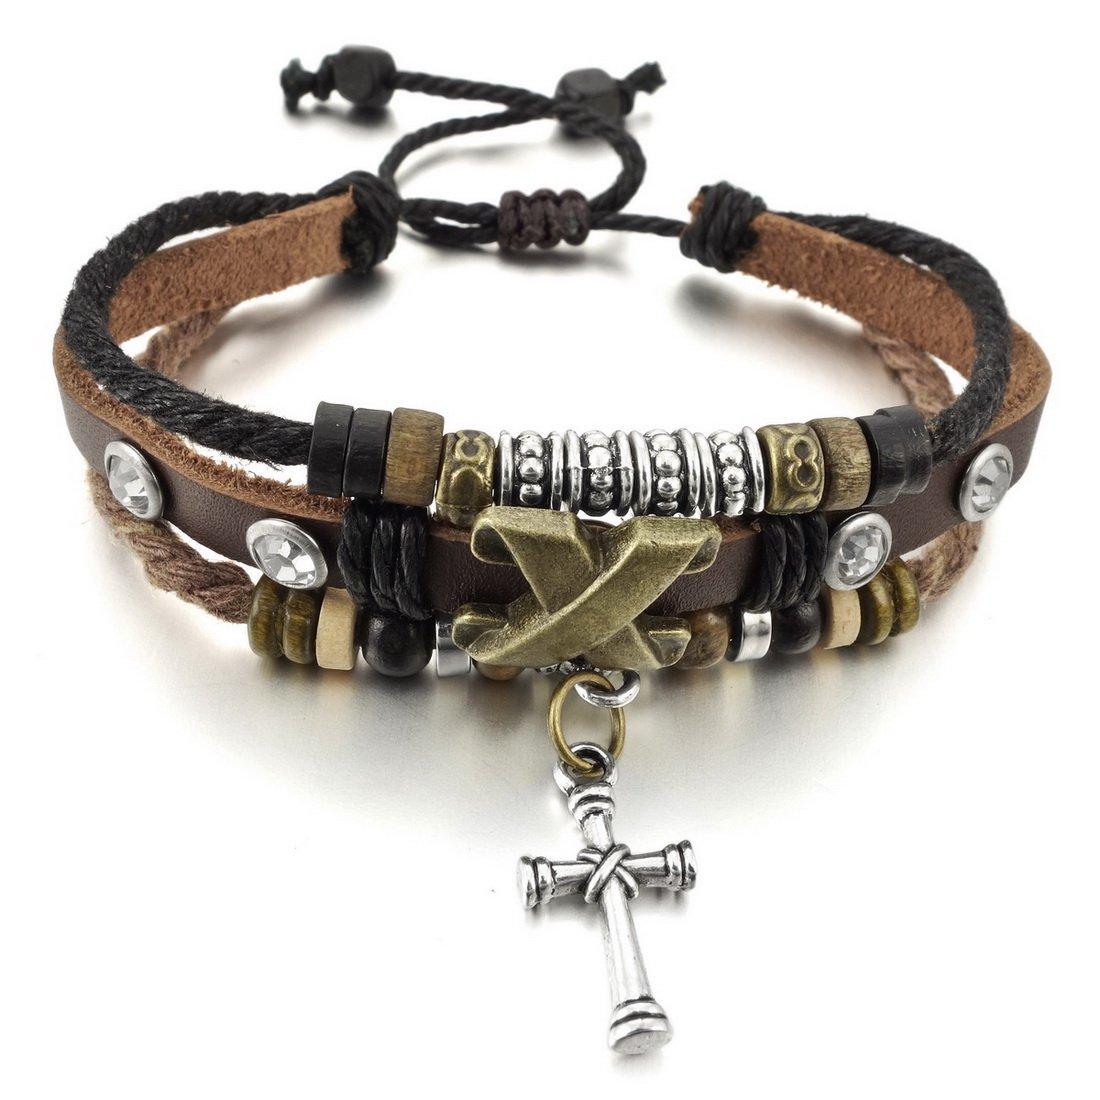 INBLUE Men,Women's Alloy Genuine Leather Bracelet Bangle Rope Cross Surfer Wrap Tribal Adjustable INBLUE Jewelry mnb0515